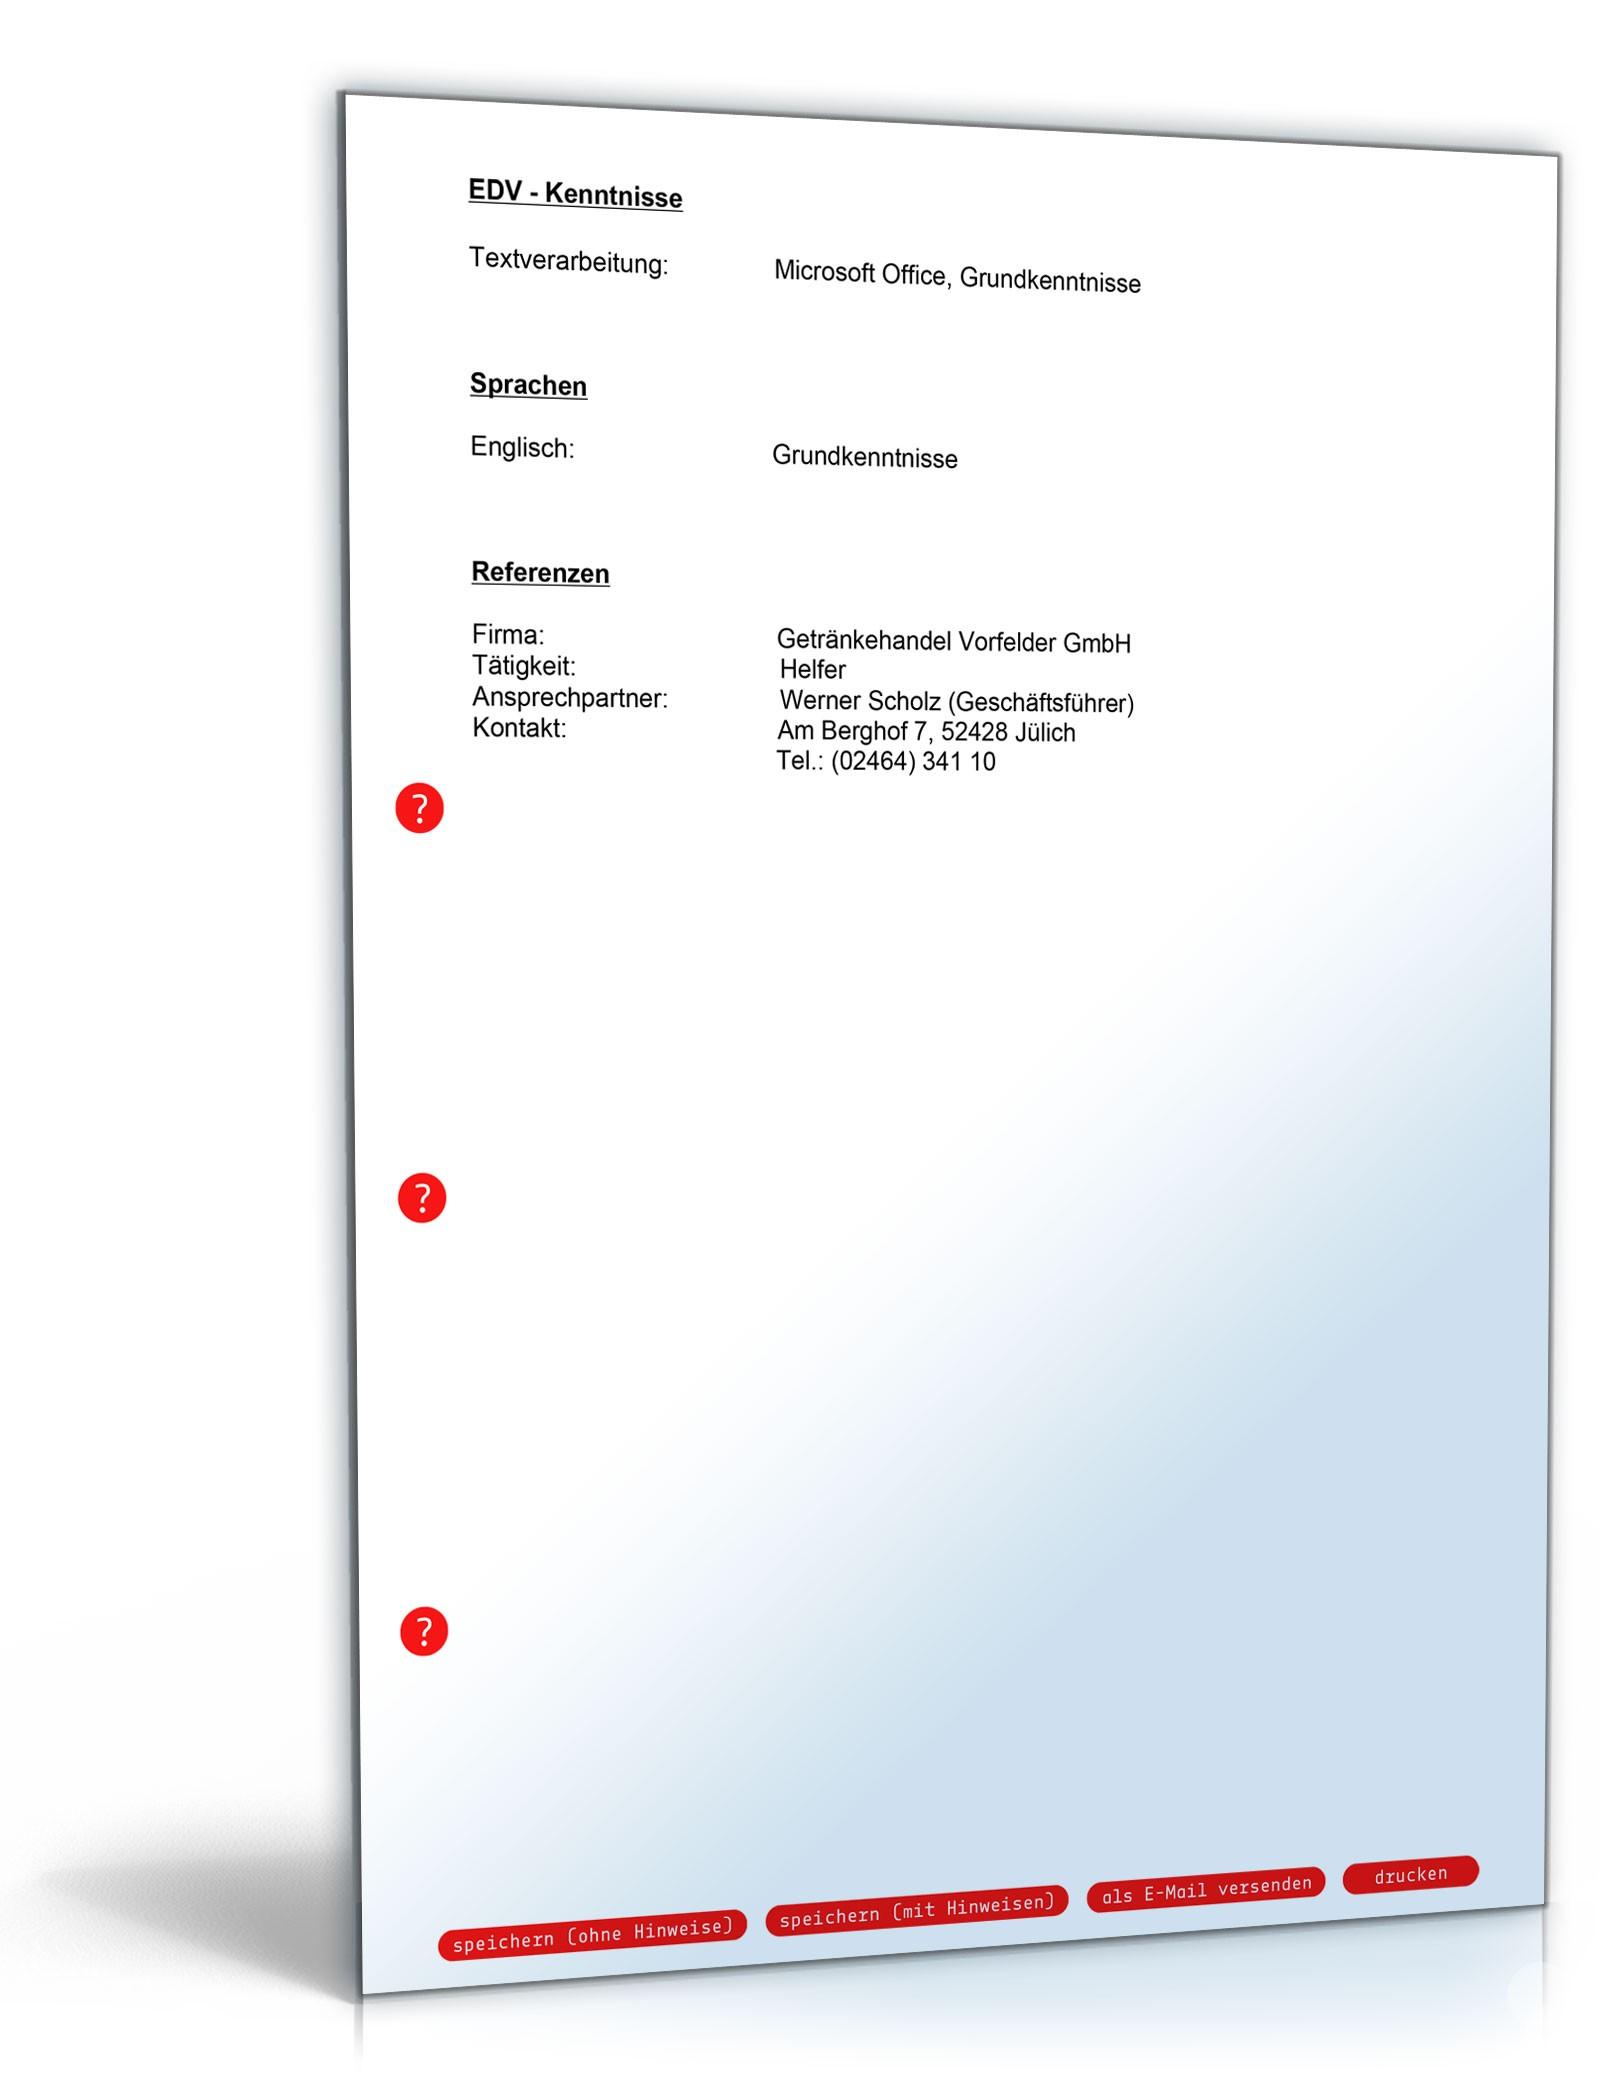 Groß Lebenslauf Magie 4. Ausgabe Pdf Download Ideen - Beispiel ...